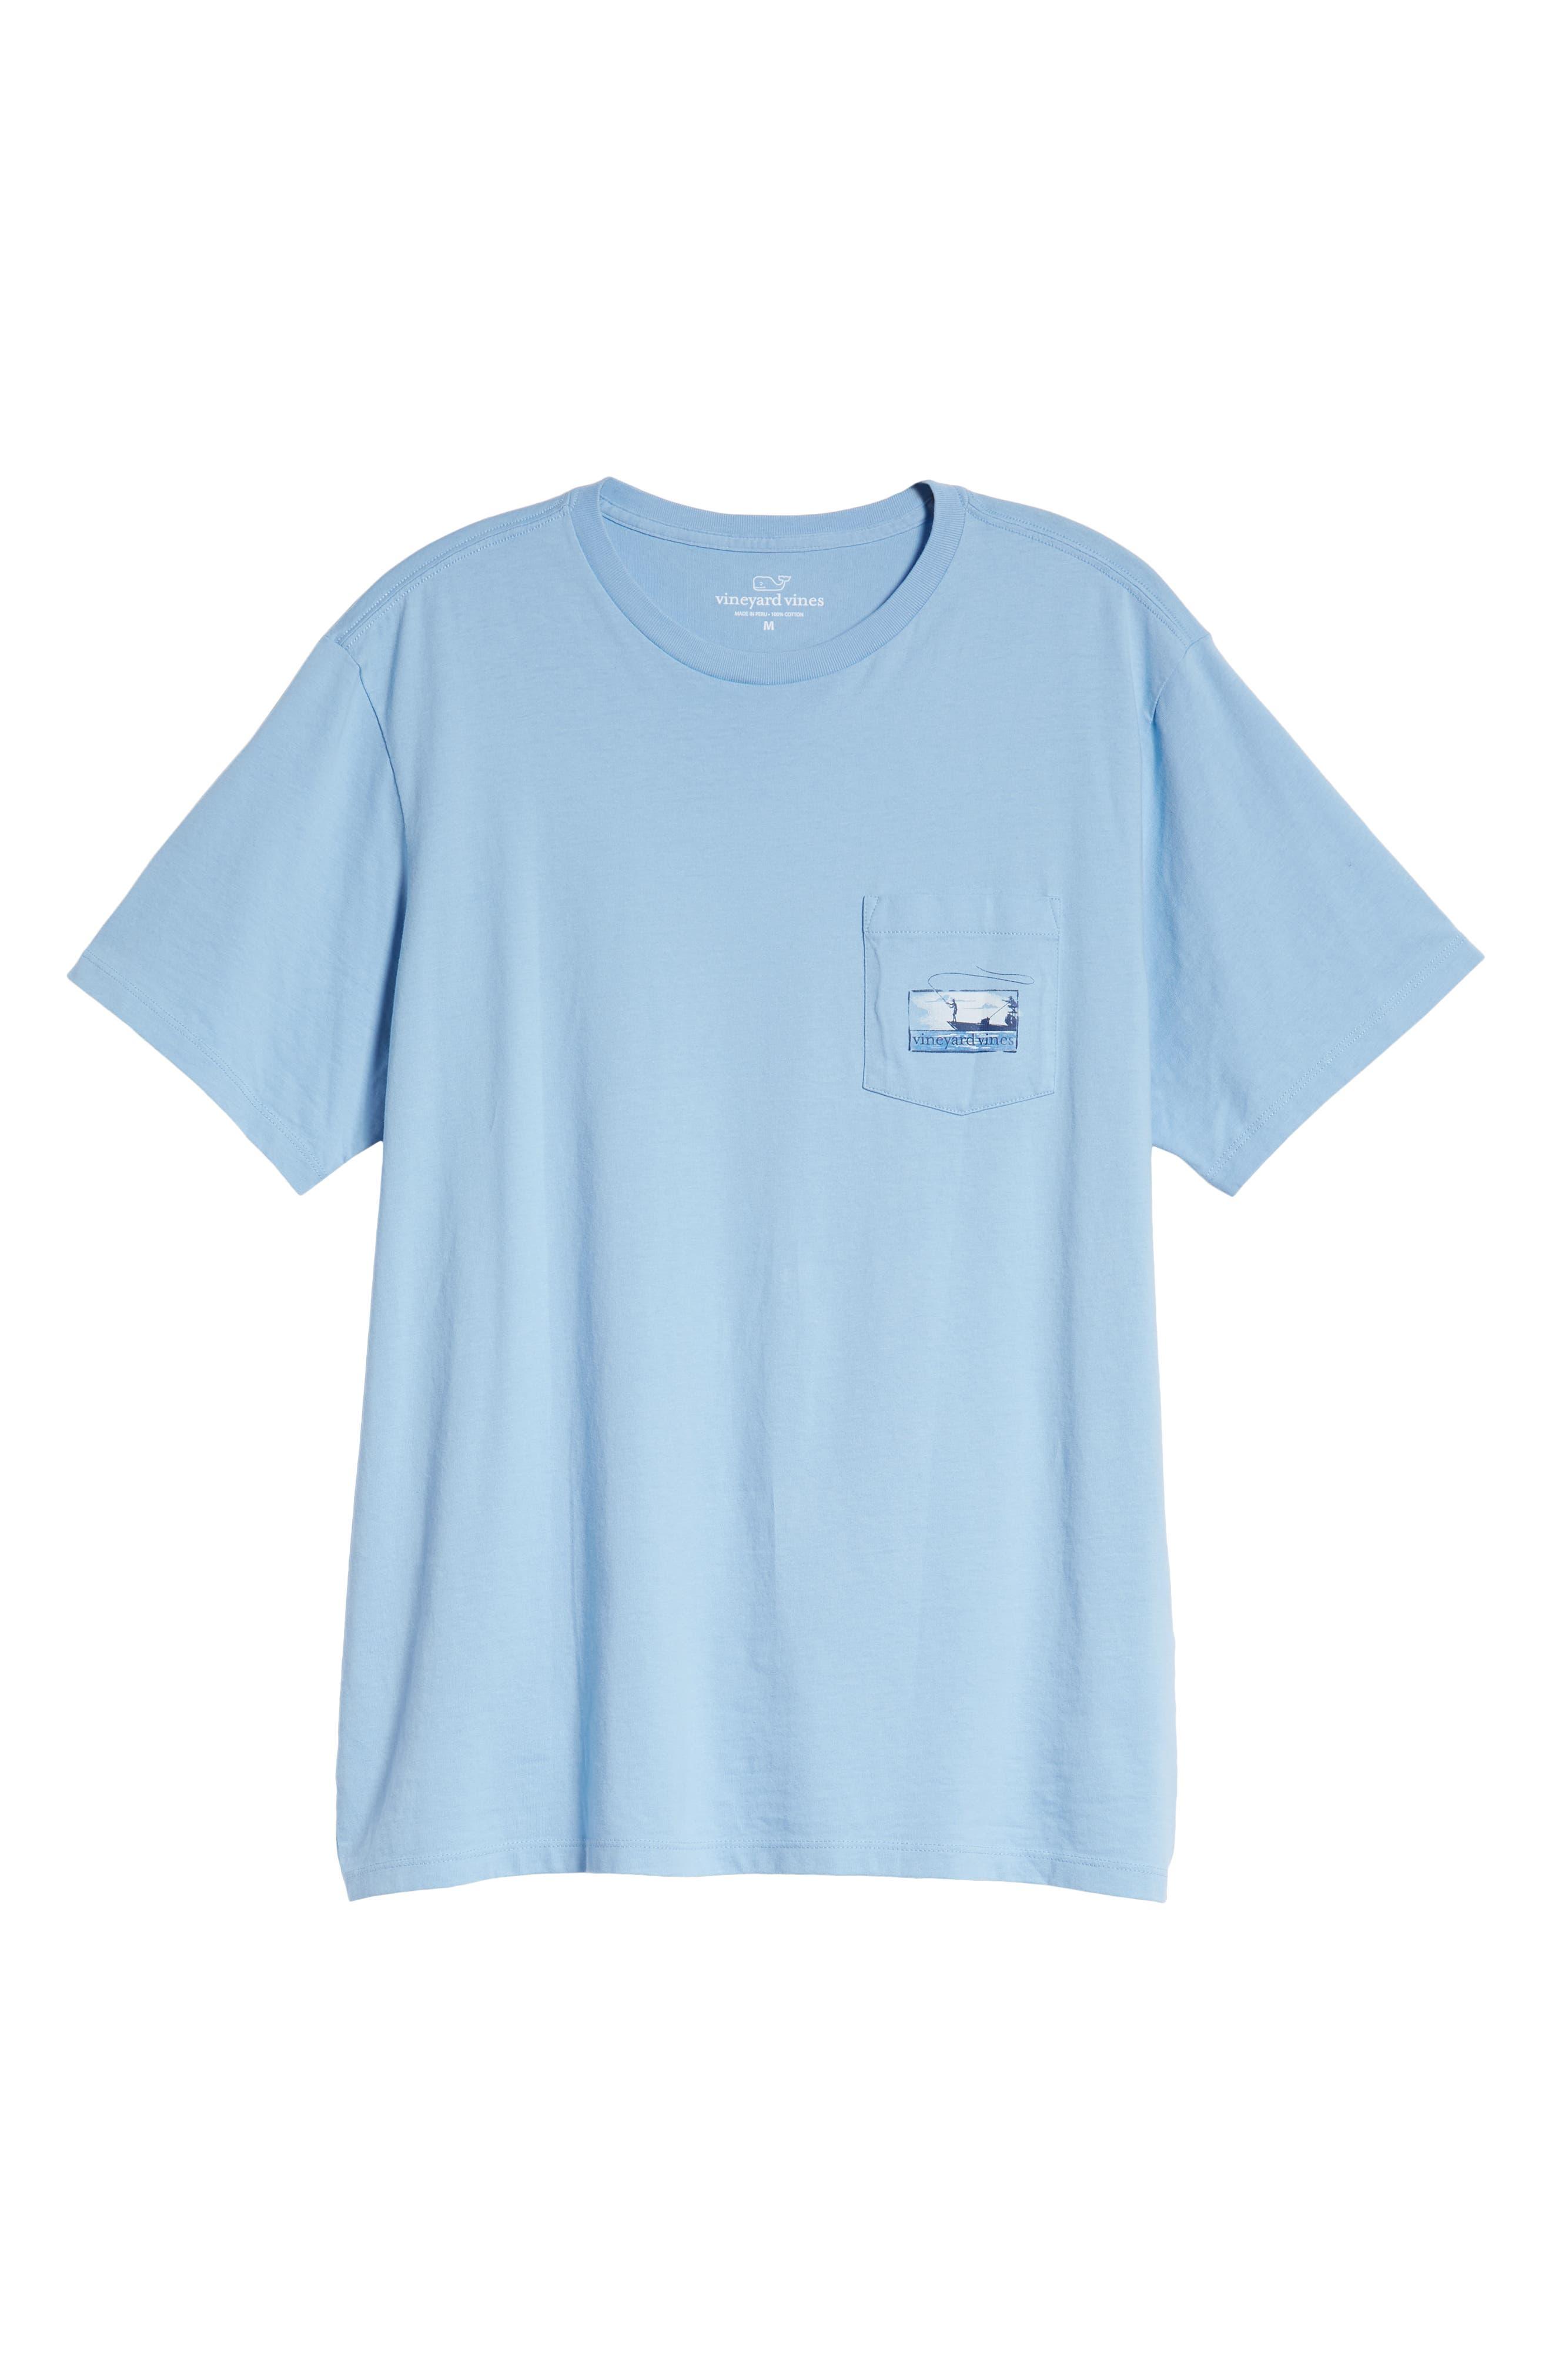 Flats Fishing Pocket T-Shirt,                             Alternate thumbnail 6, color,                             456